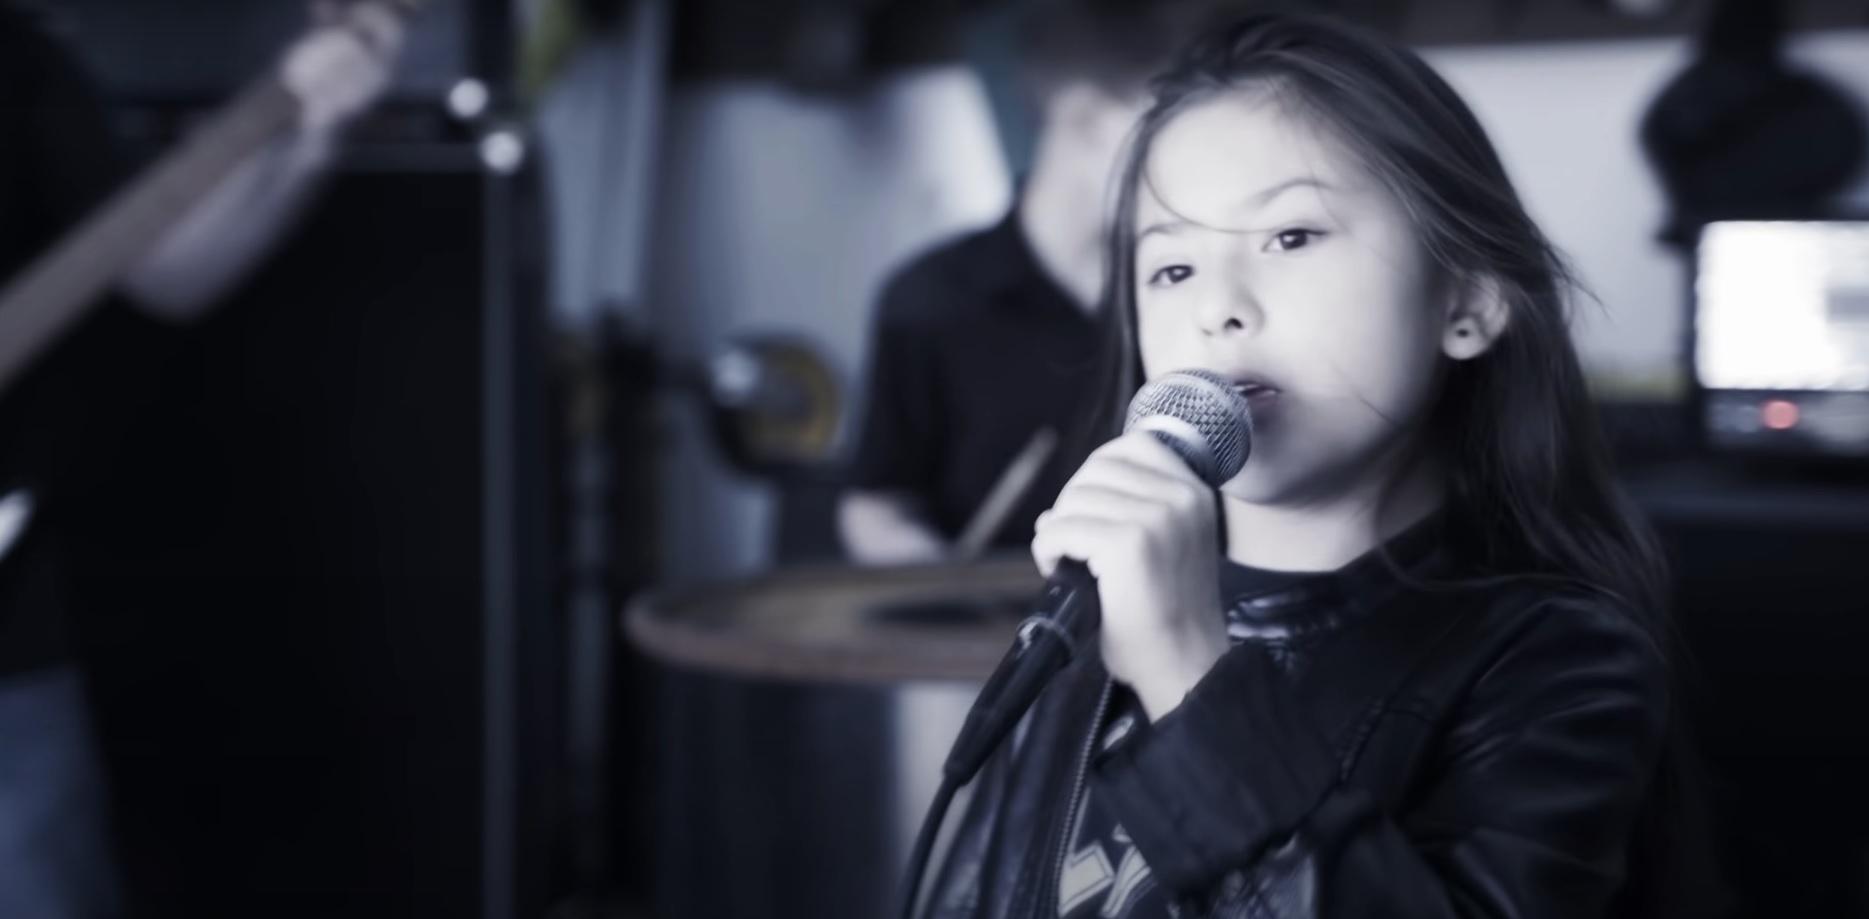 """Tämä Sepultura-cover on samaan aikaan sekä hellyttävä että täynnä asennetta – Kuuntele kahdeksanvuotiaan laulajan veto """"Roots Bloody Roots"""" kappaleesta täältä"""